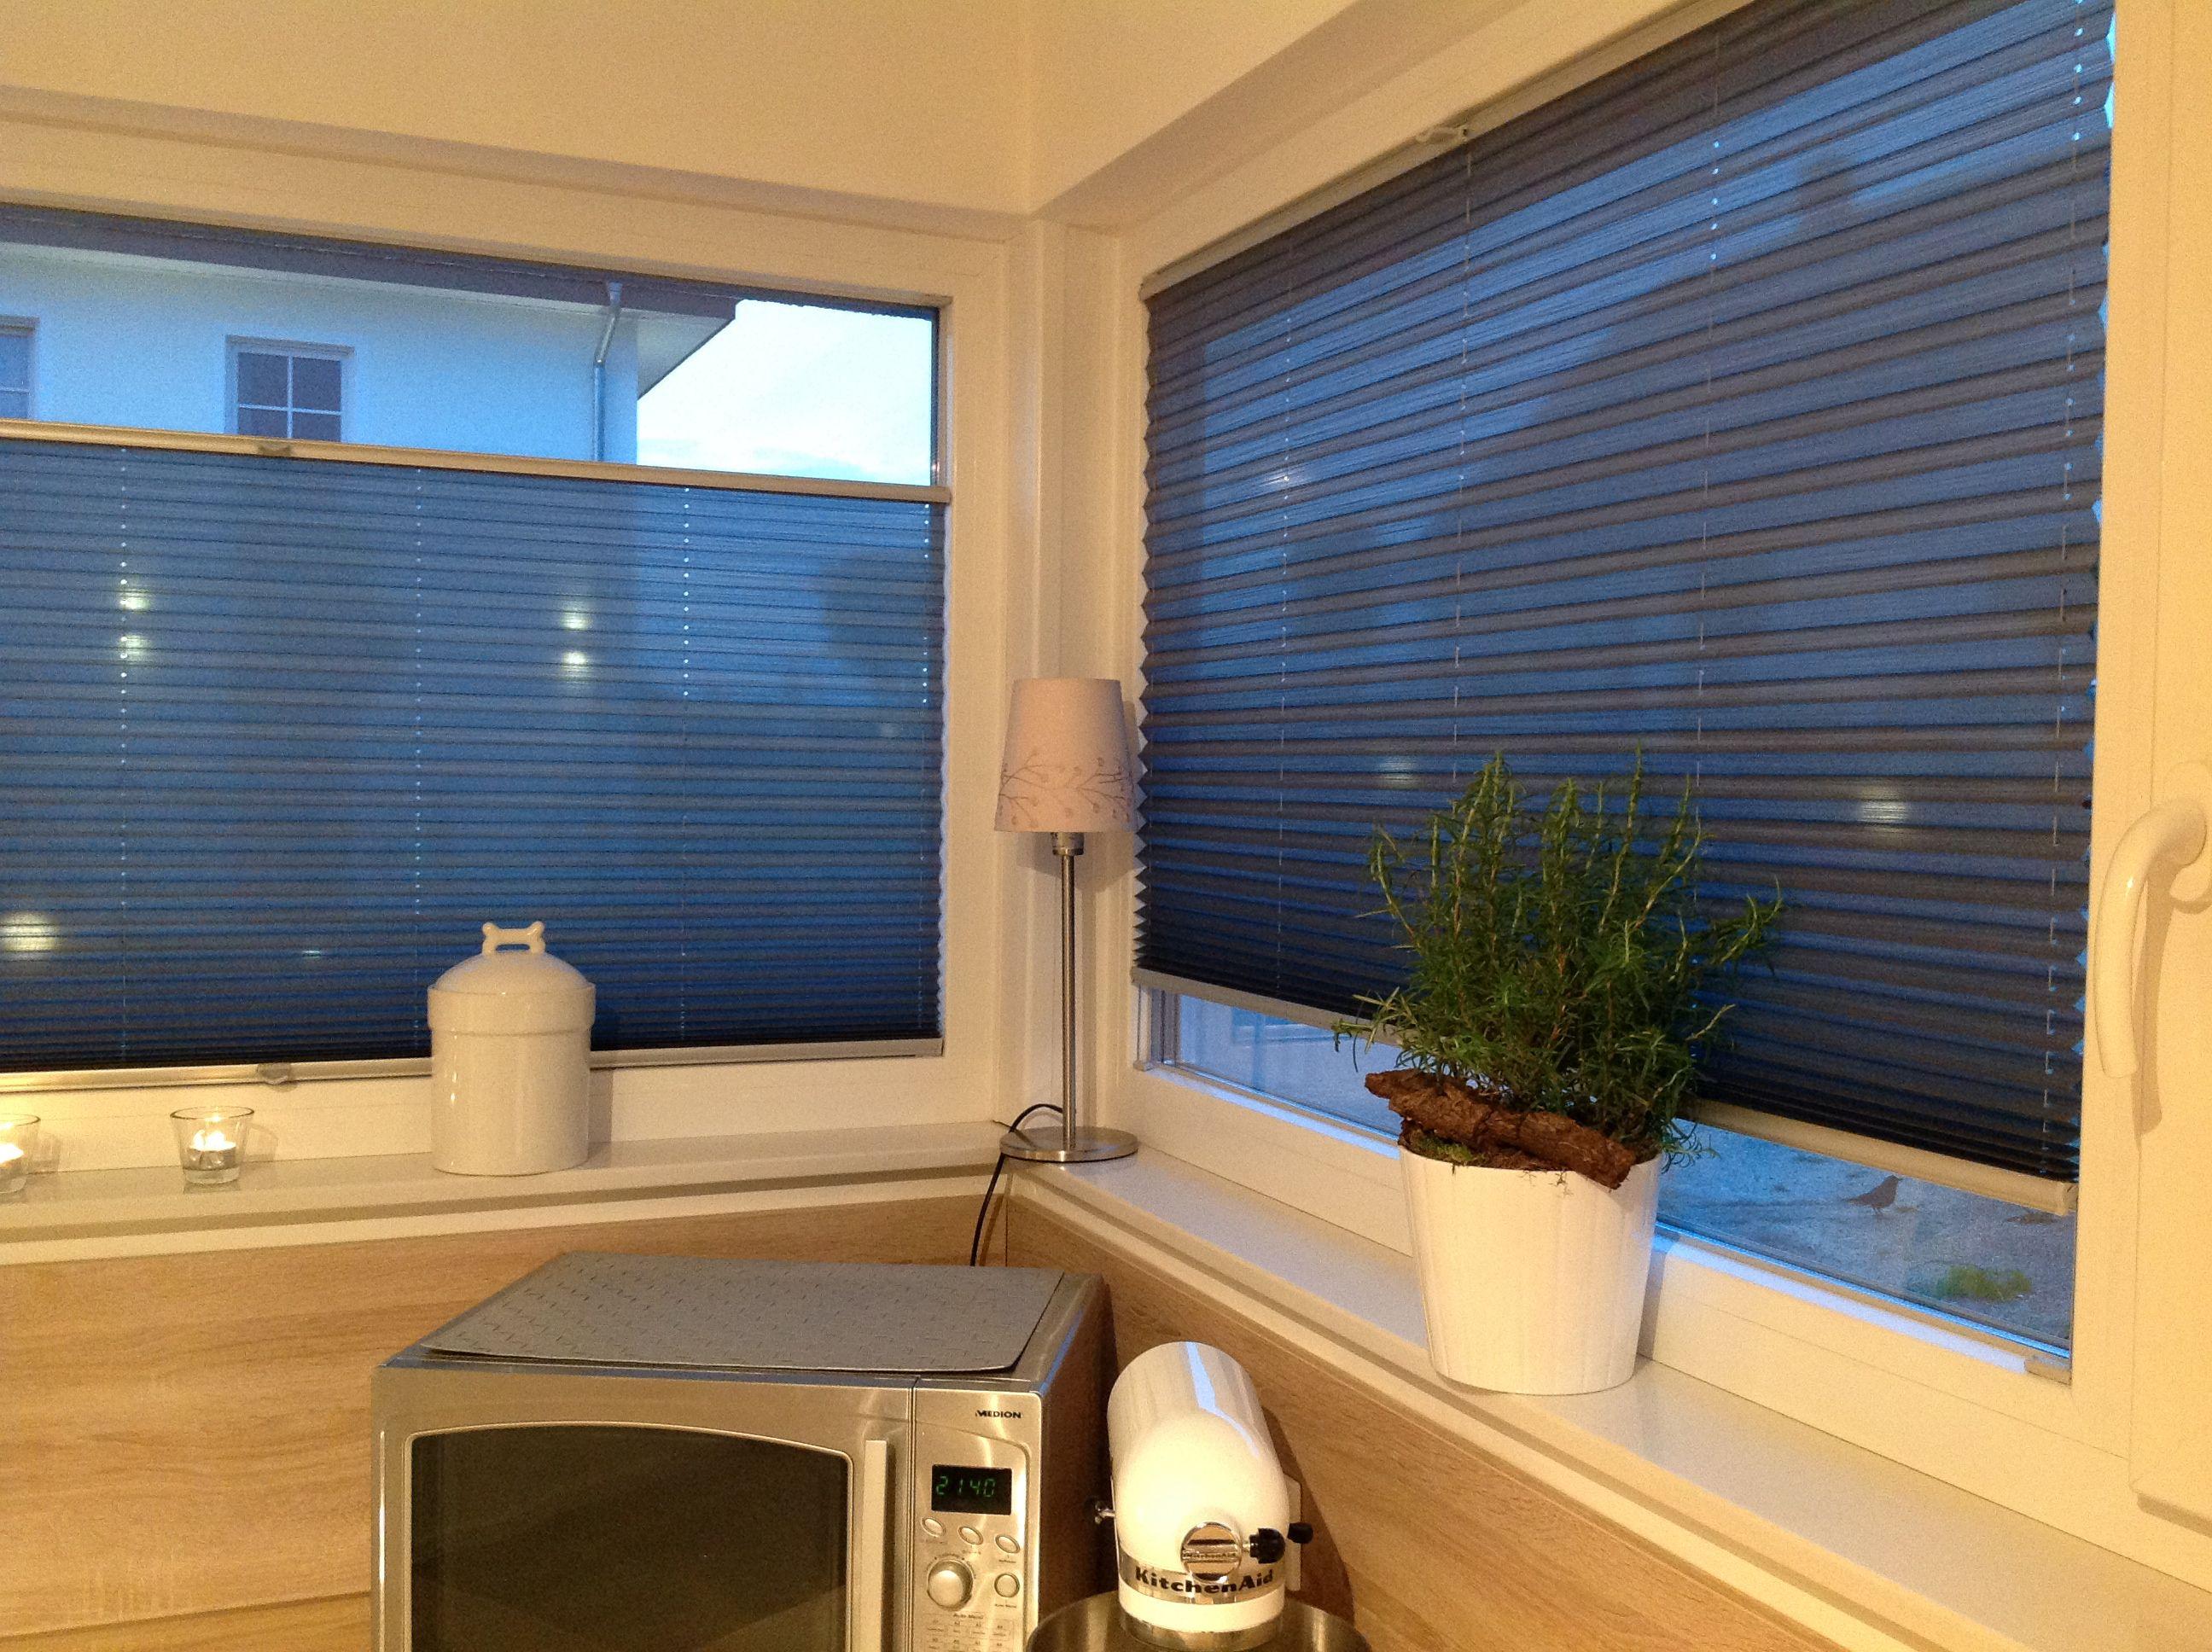 plissee k che wohnen macht euer zuhause sch ner mit unseren plissees we plissees pinterest. Black Bedroom Furniture Sets. Home Design Ideas